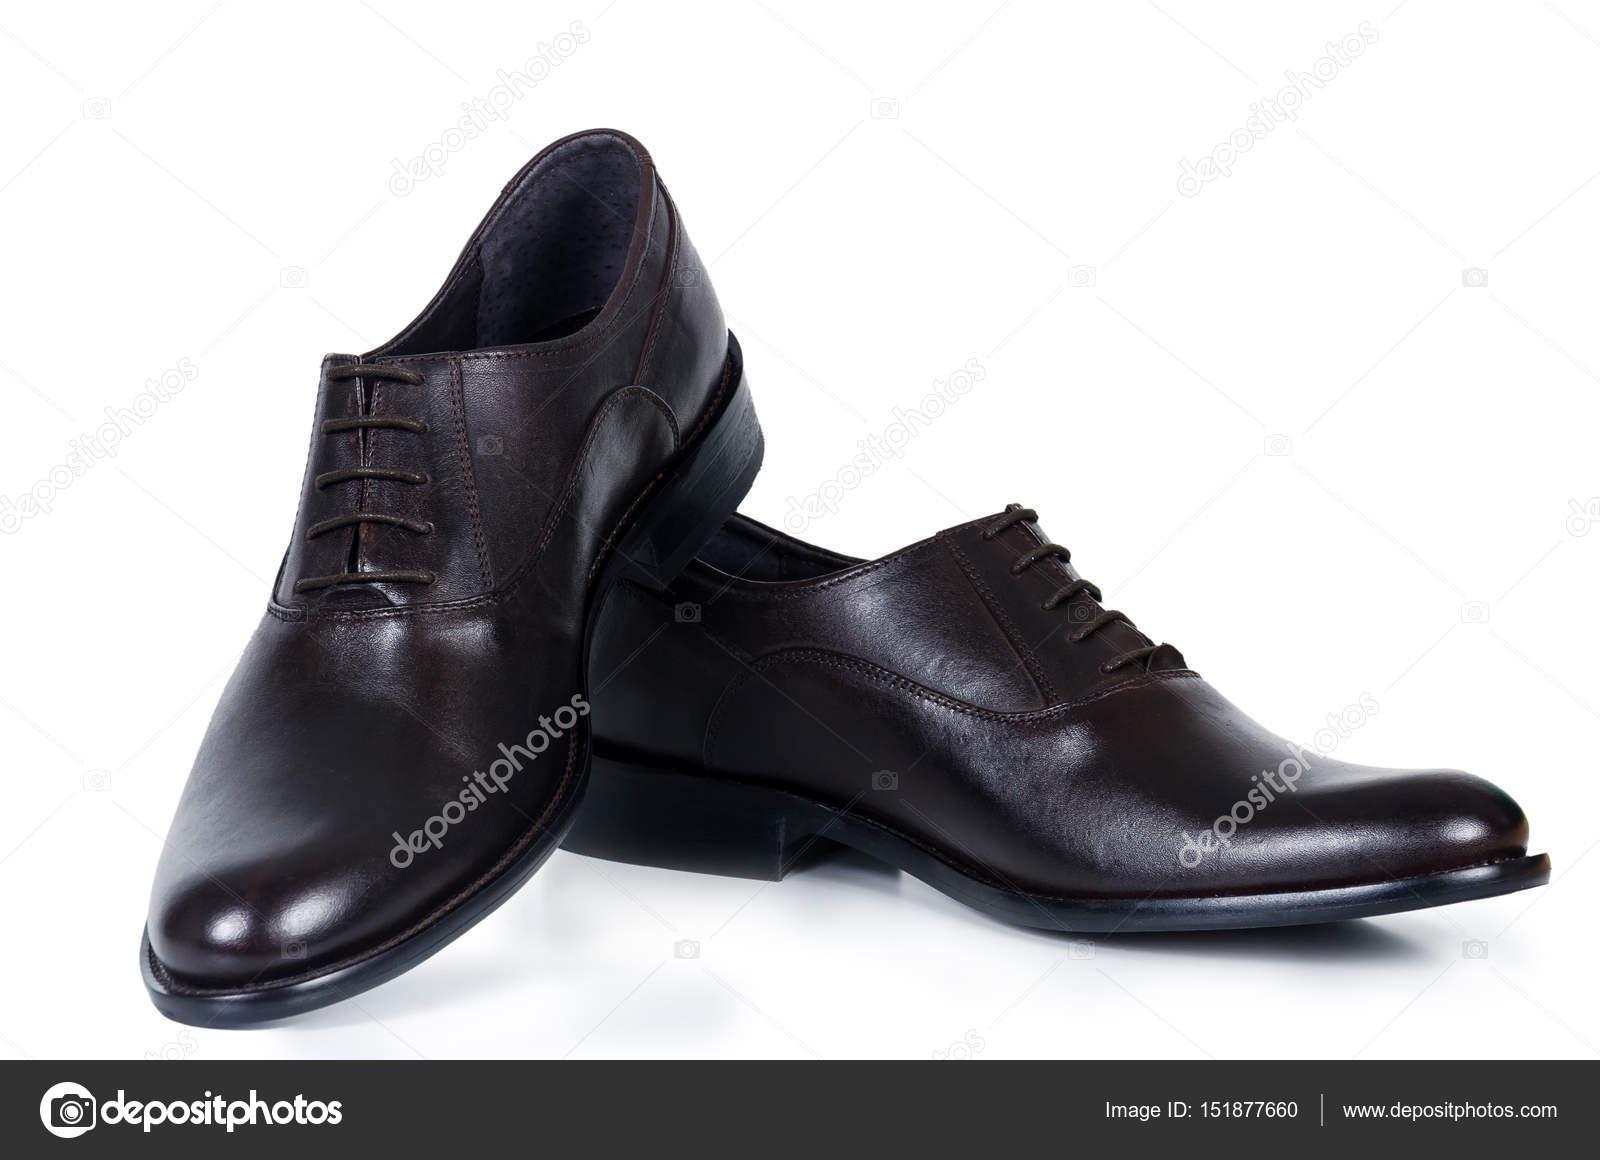 Klassische paar braune Männer Schuhe — Stockfoto © Dudaeva  151877660 15fd6df4ba